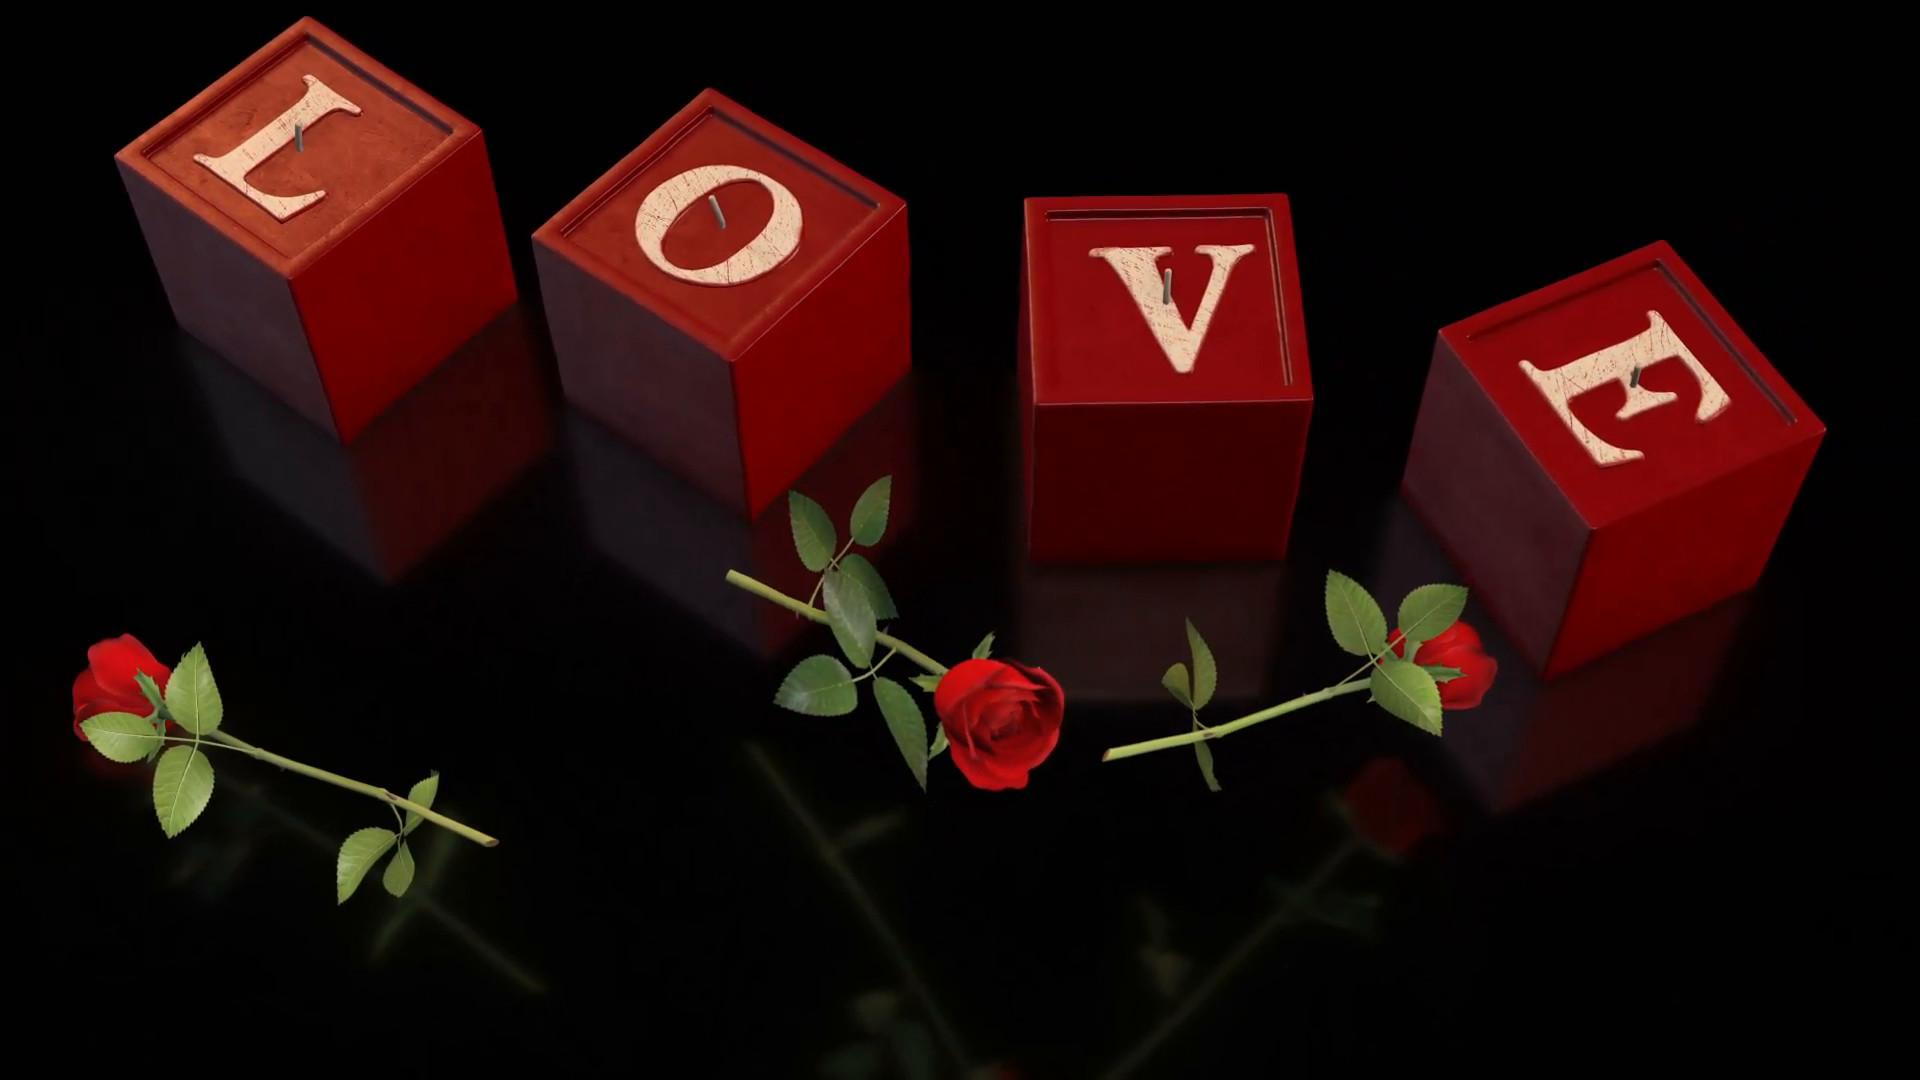 2560x1600 Red Rose Black Background Wallpaper In 2560Af 1600 Resolution Hd